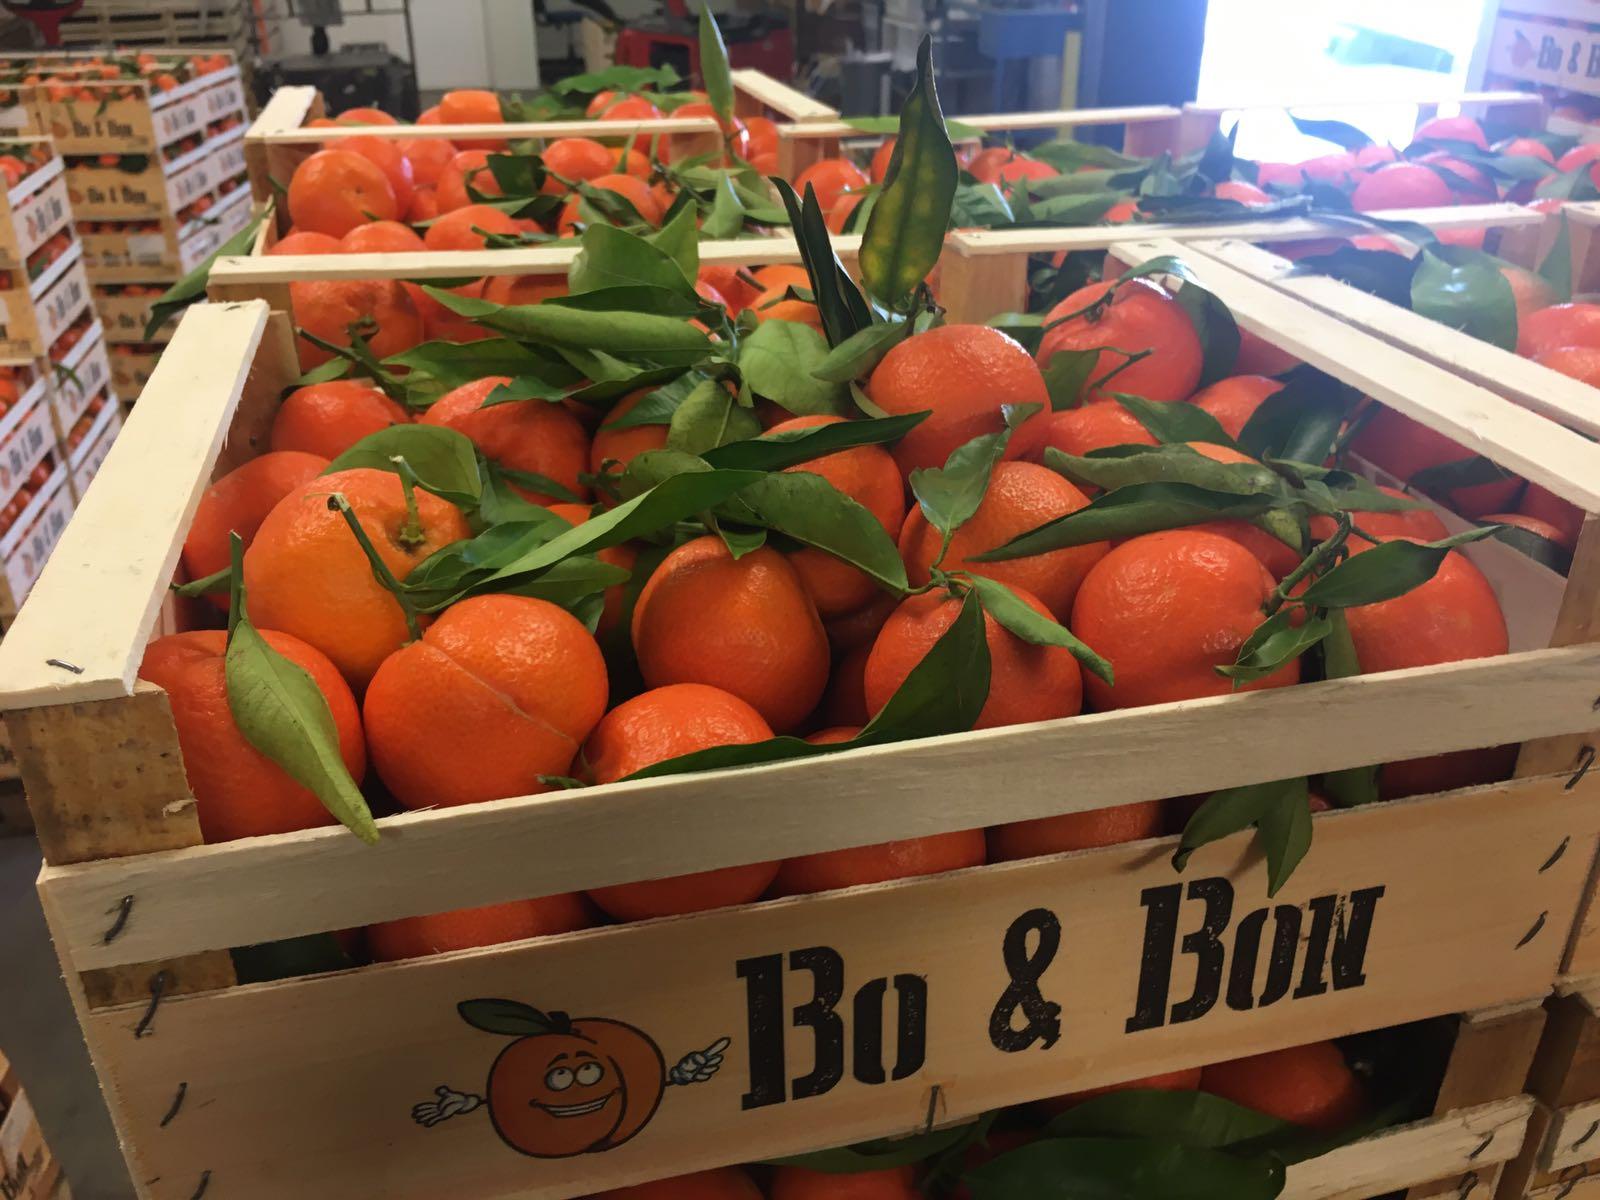 Clementine bo et bon.jpg